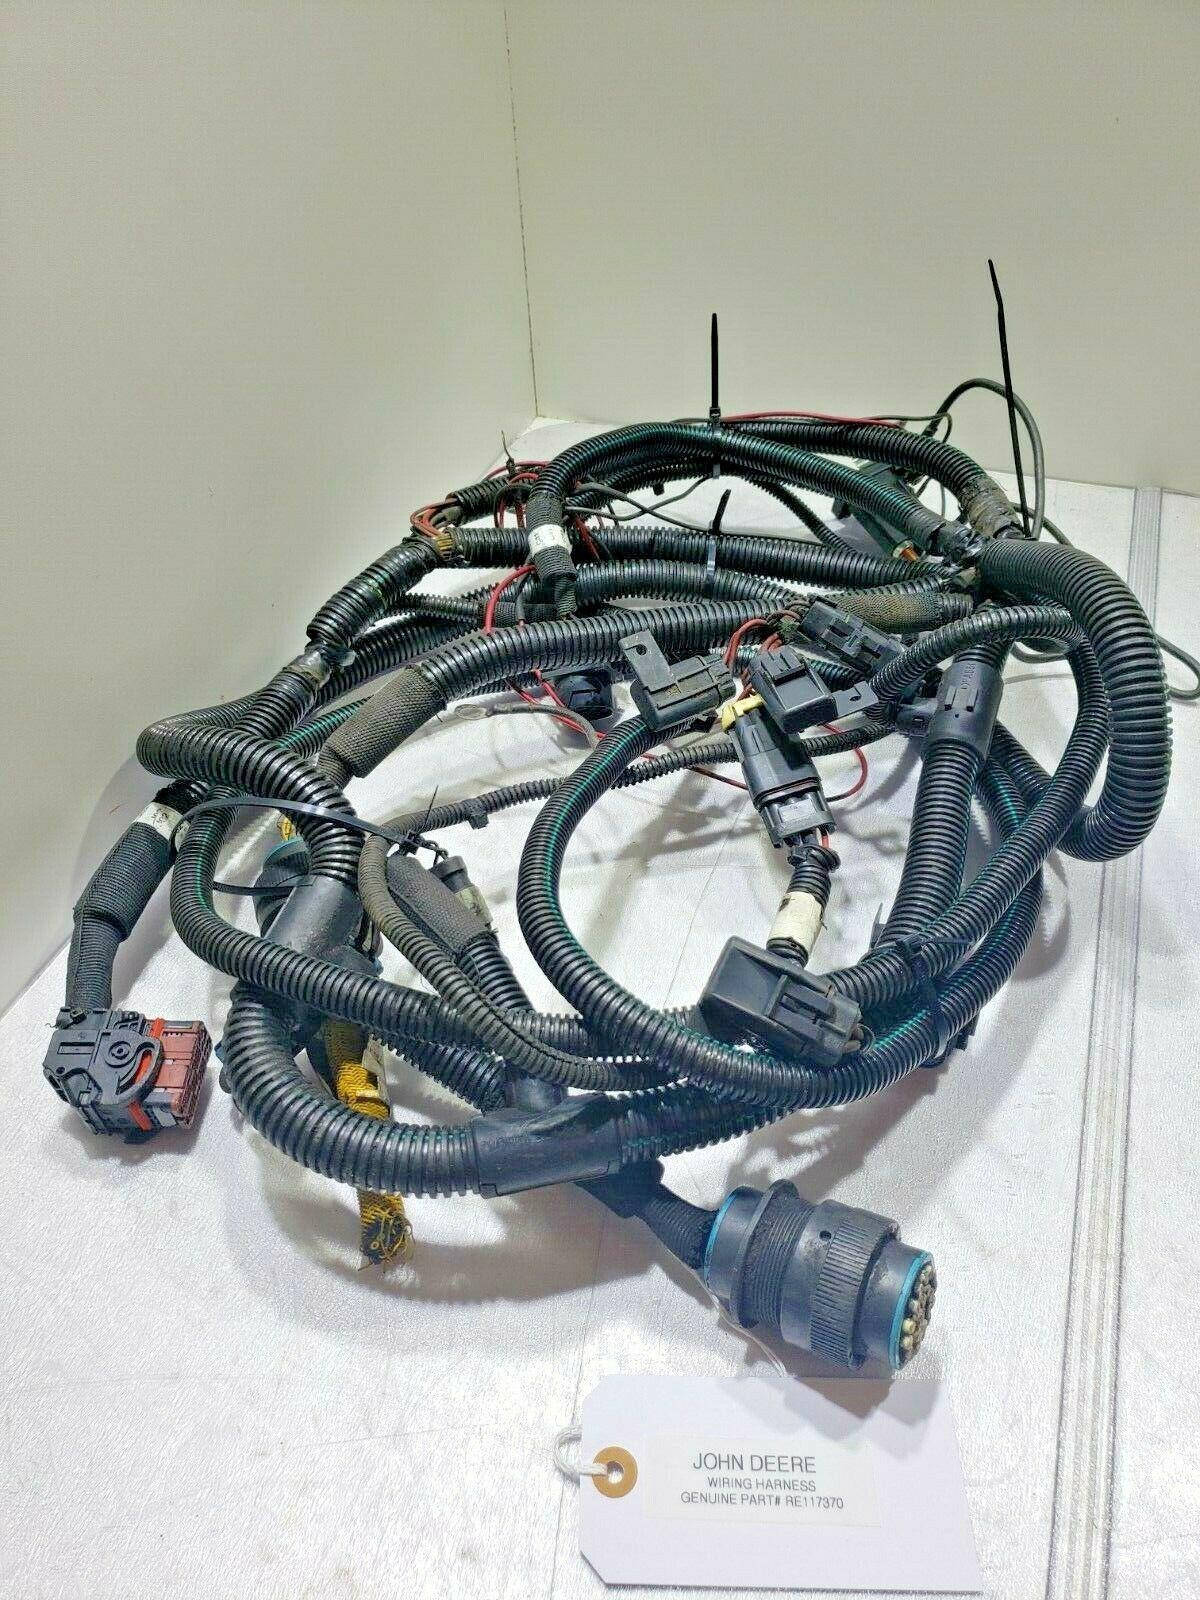 Wiring Harness DIESEL ENGINE John Deere RE117370 OEM